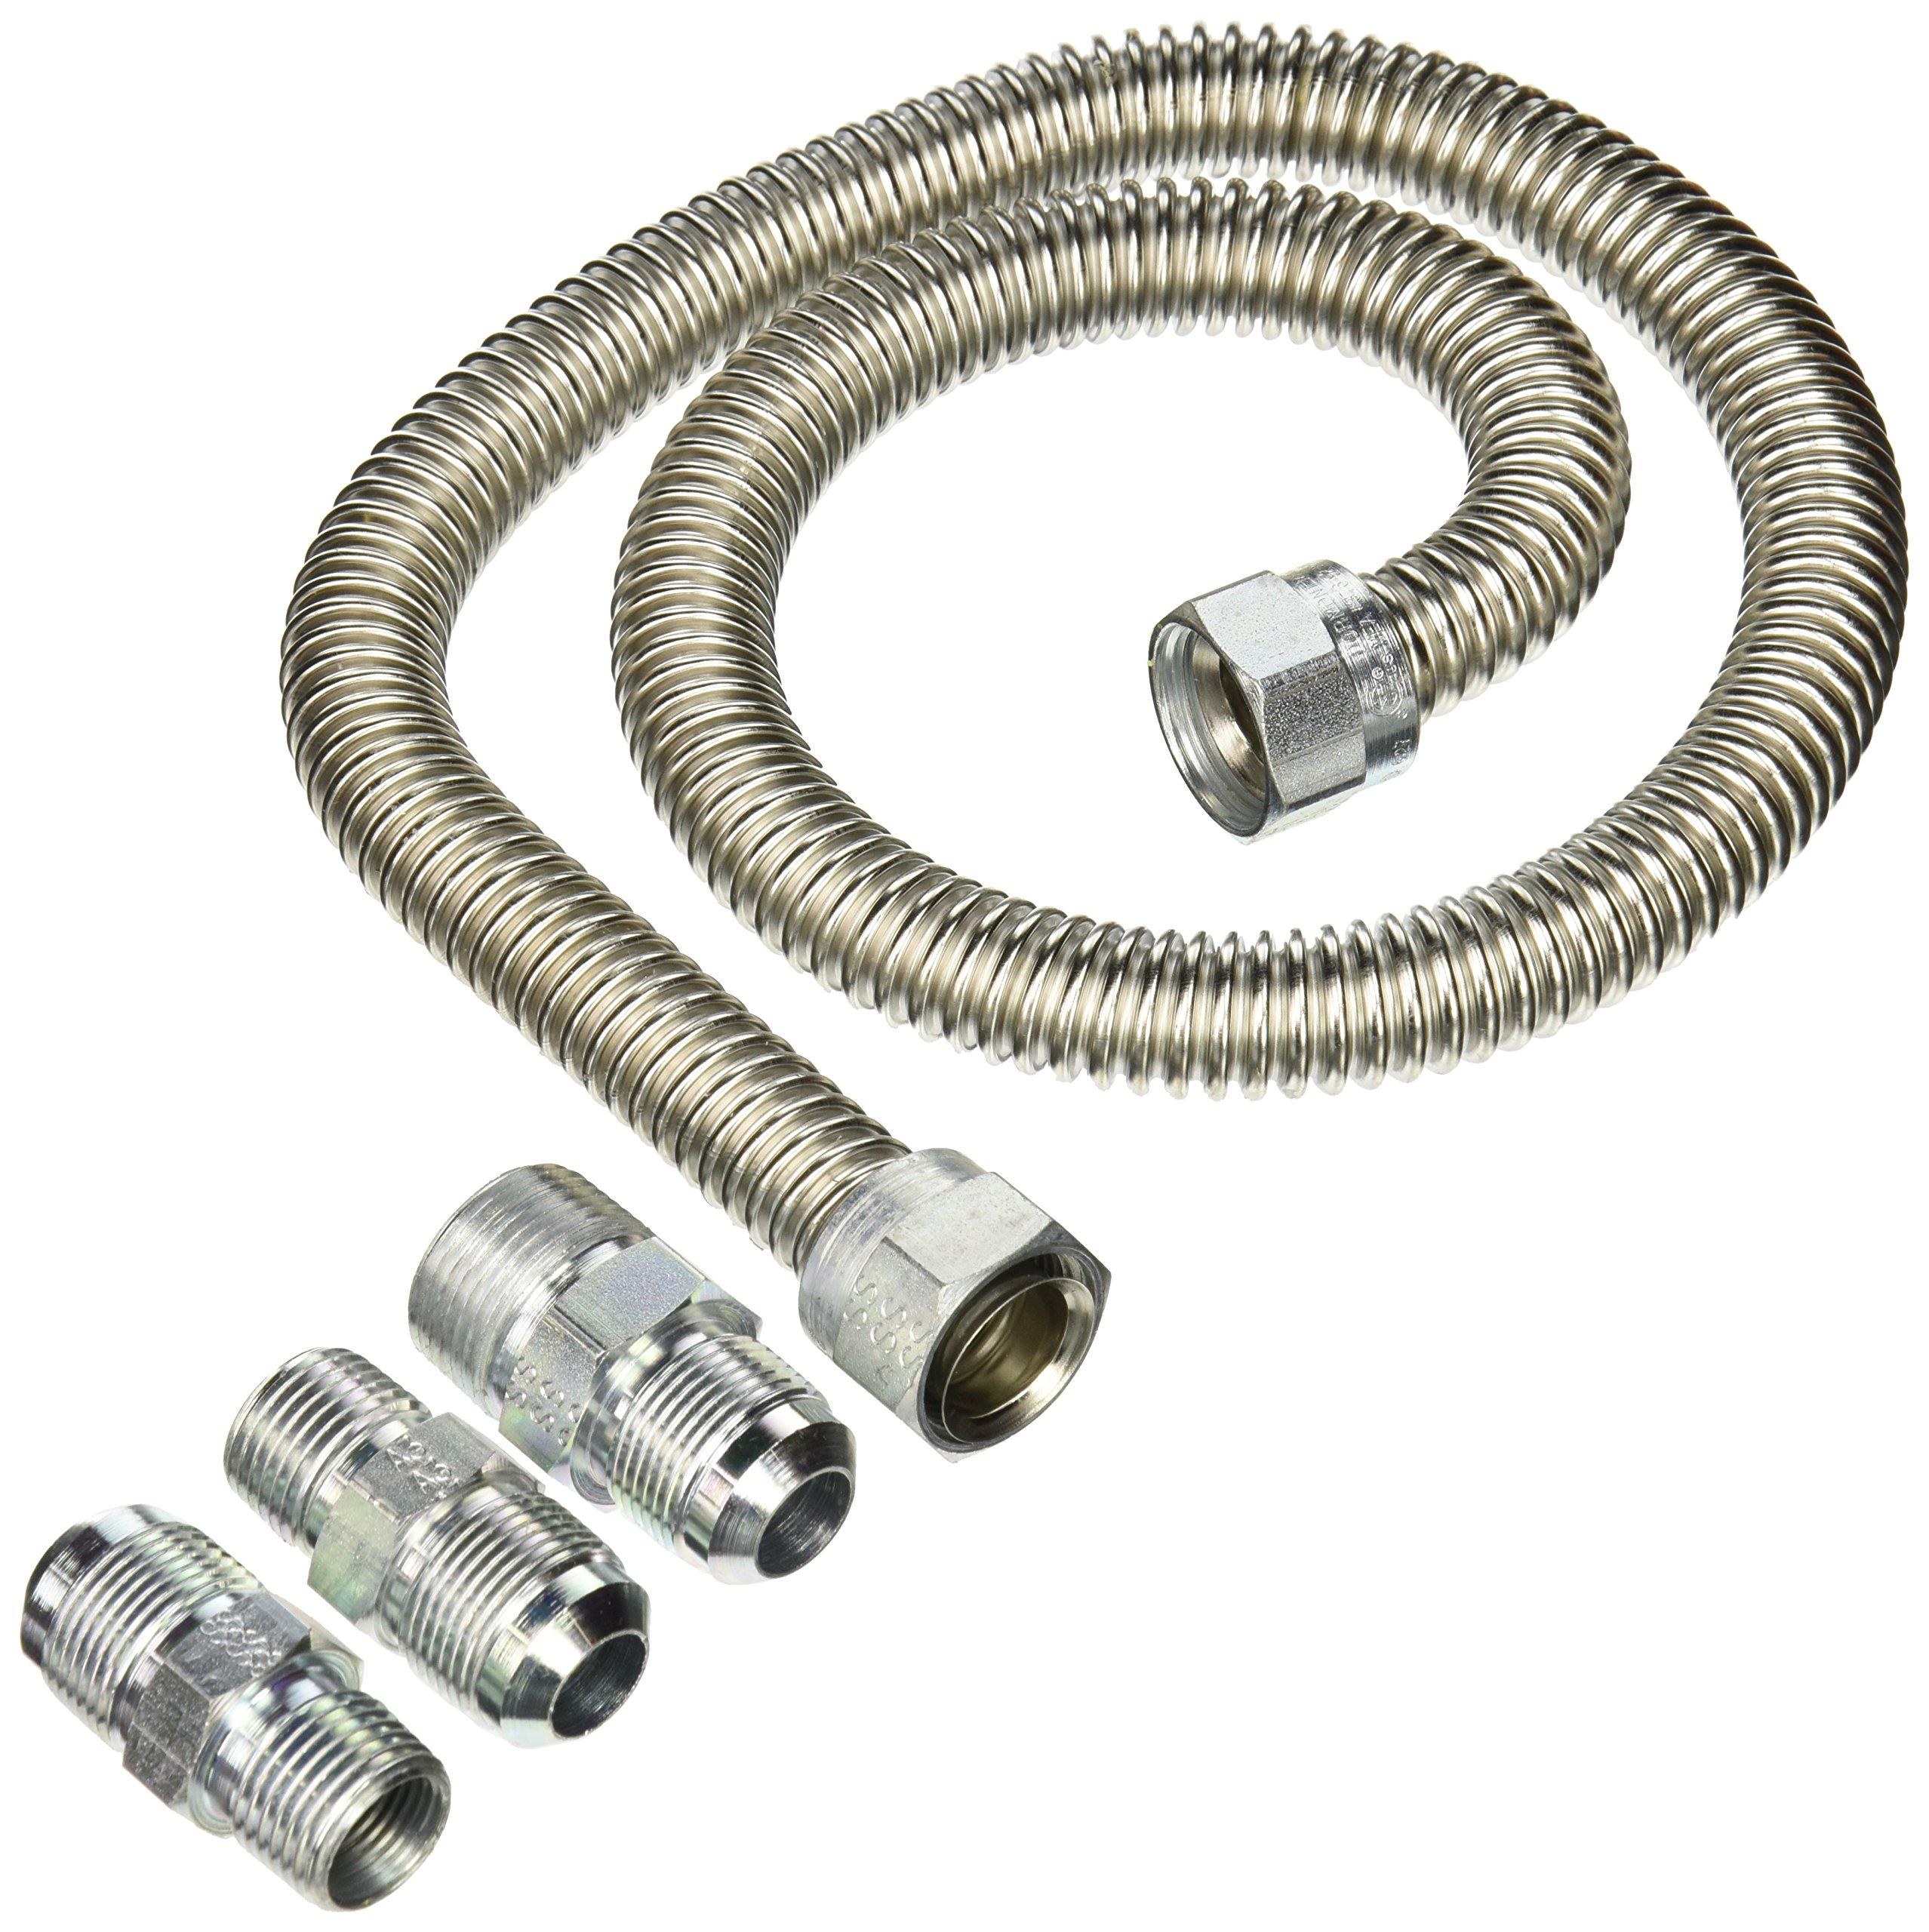 Ge GIDS-1031320 36'' Range Gas Kit